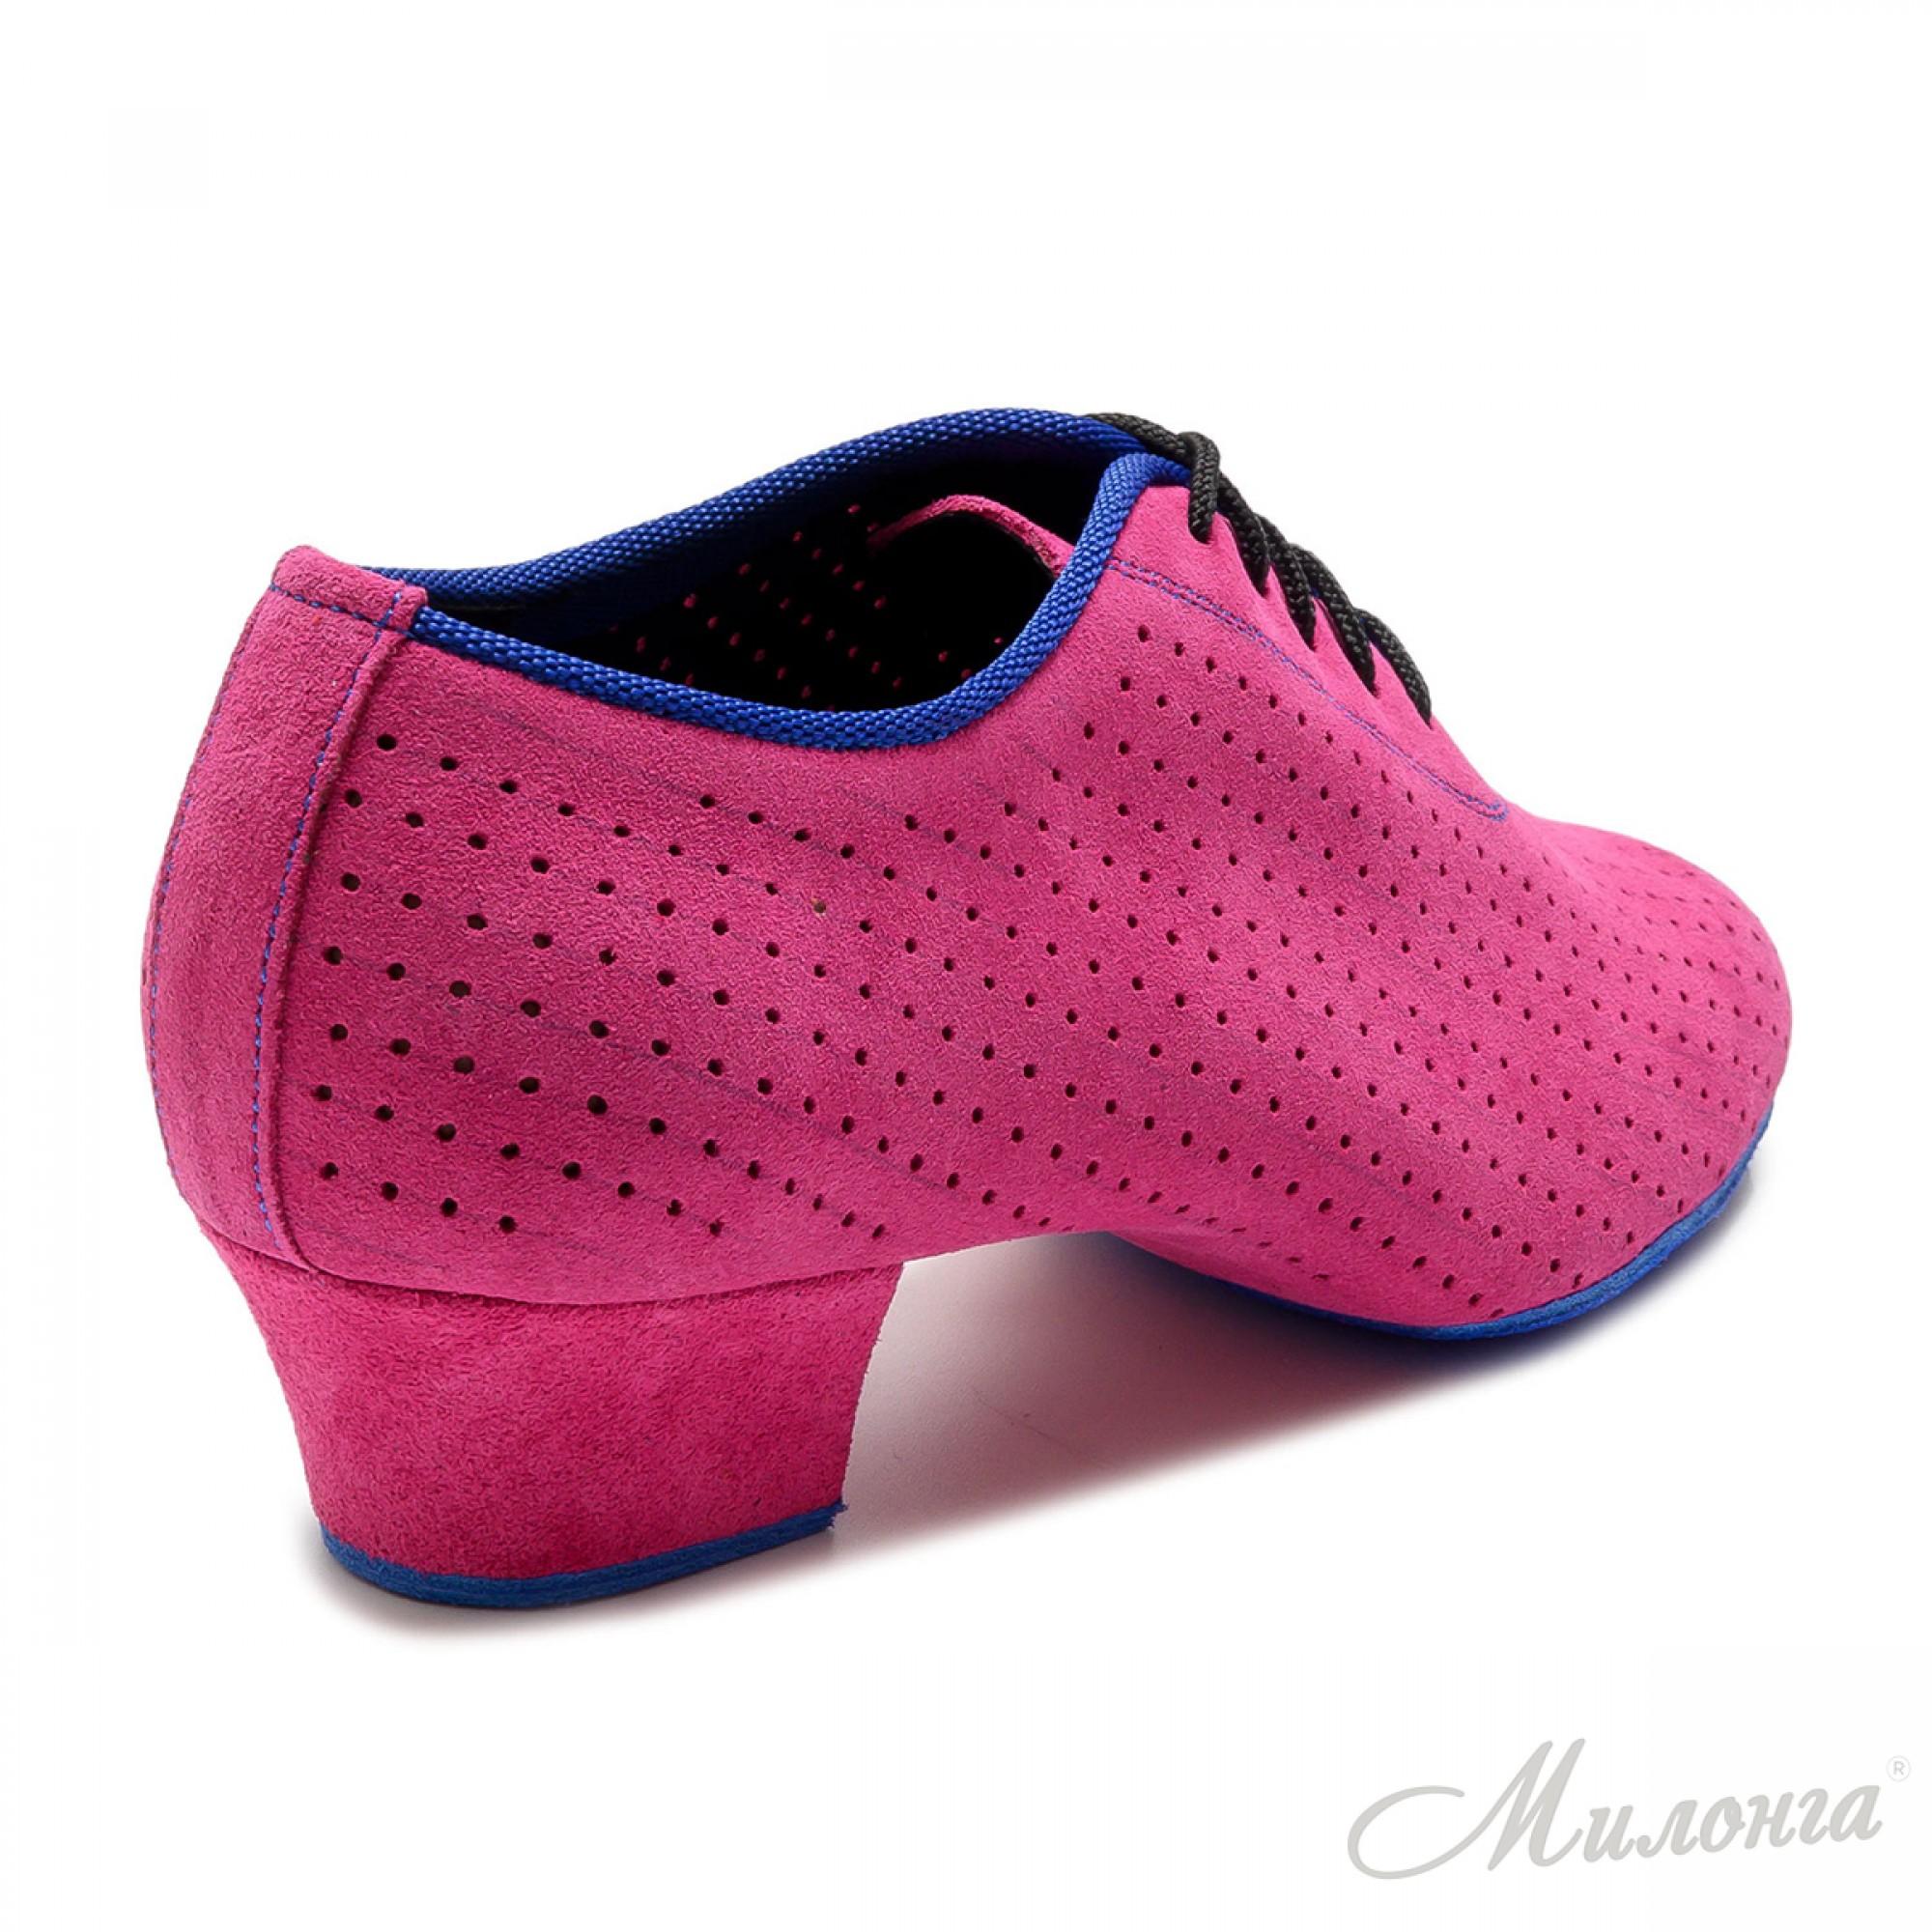 Туфли тренировочные Maestro, pink